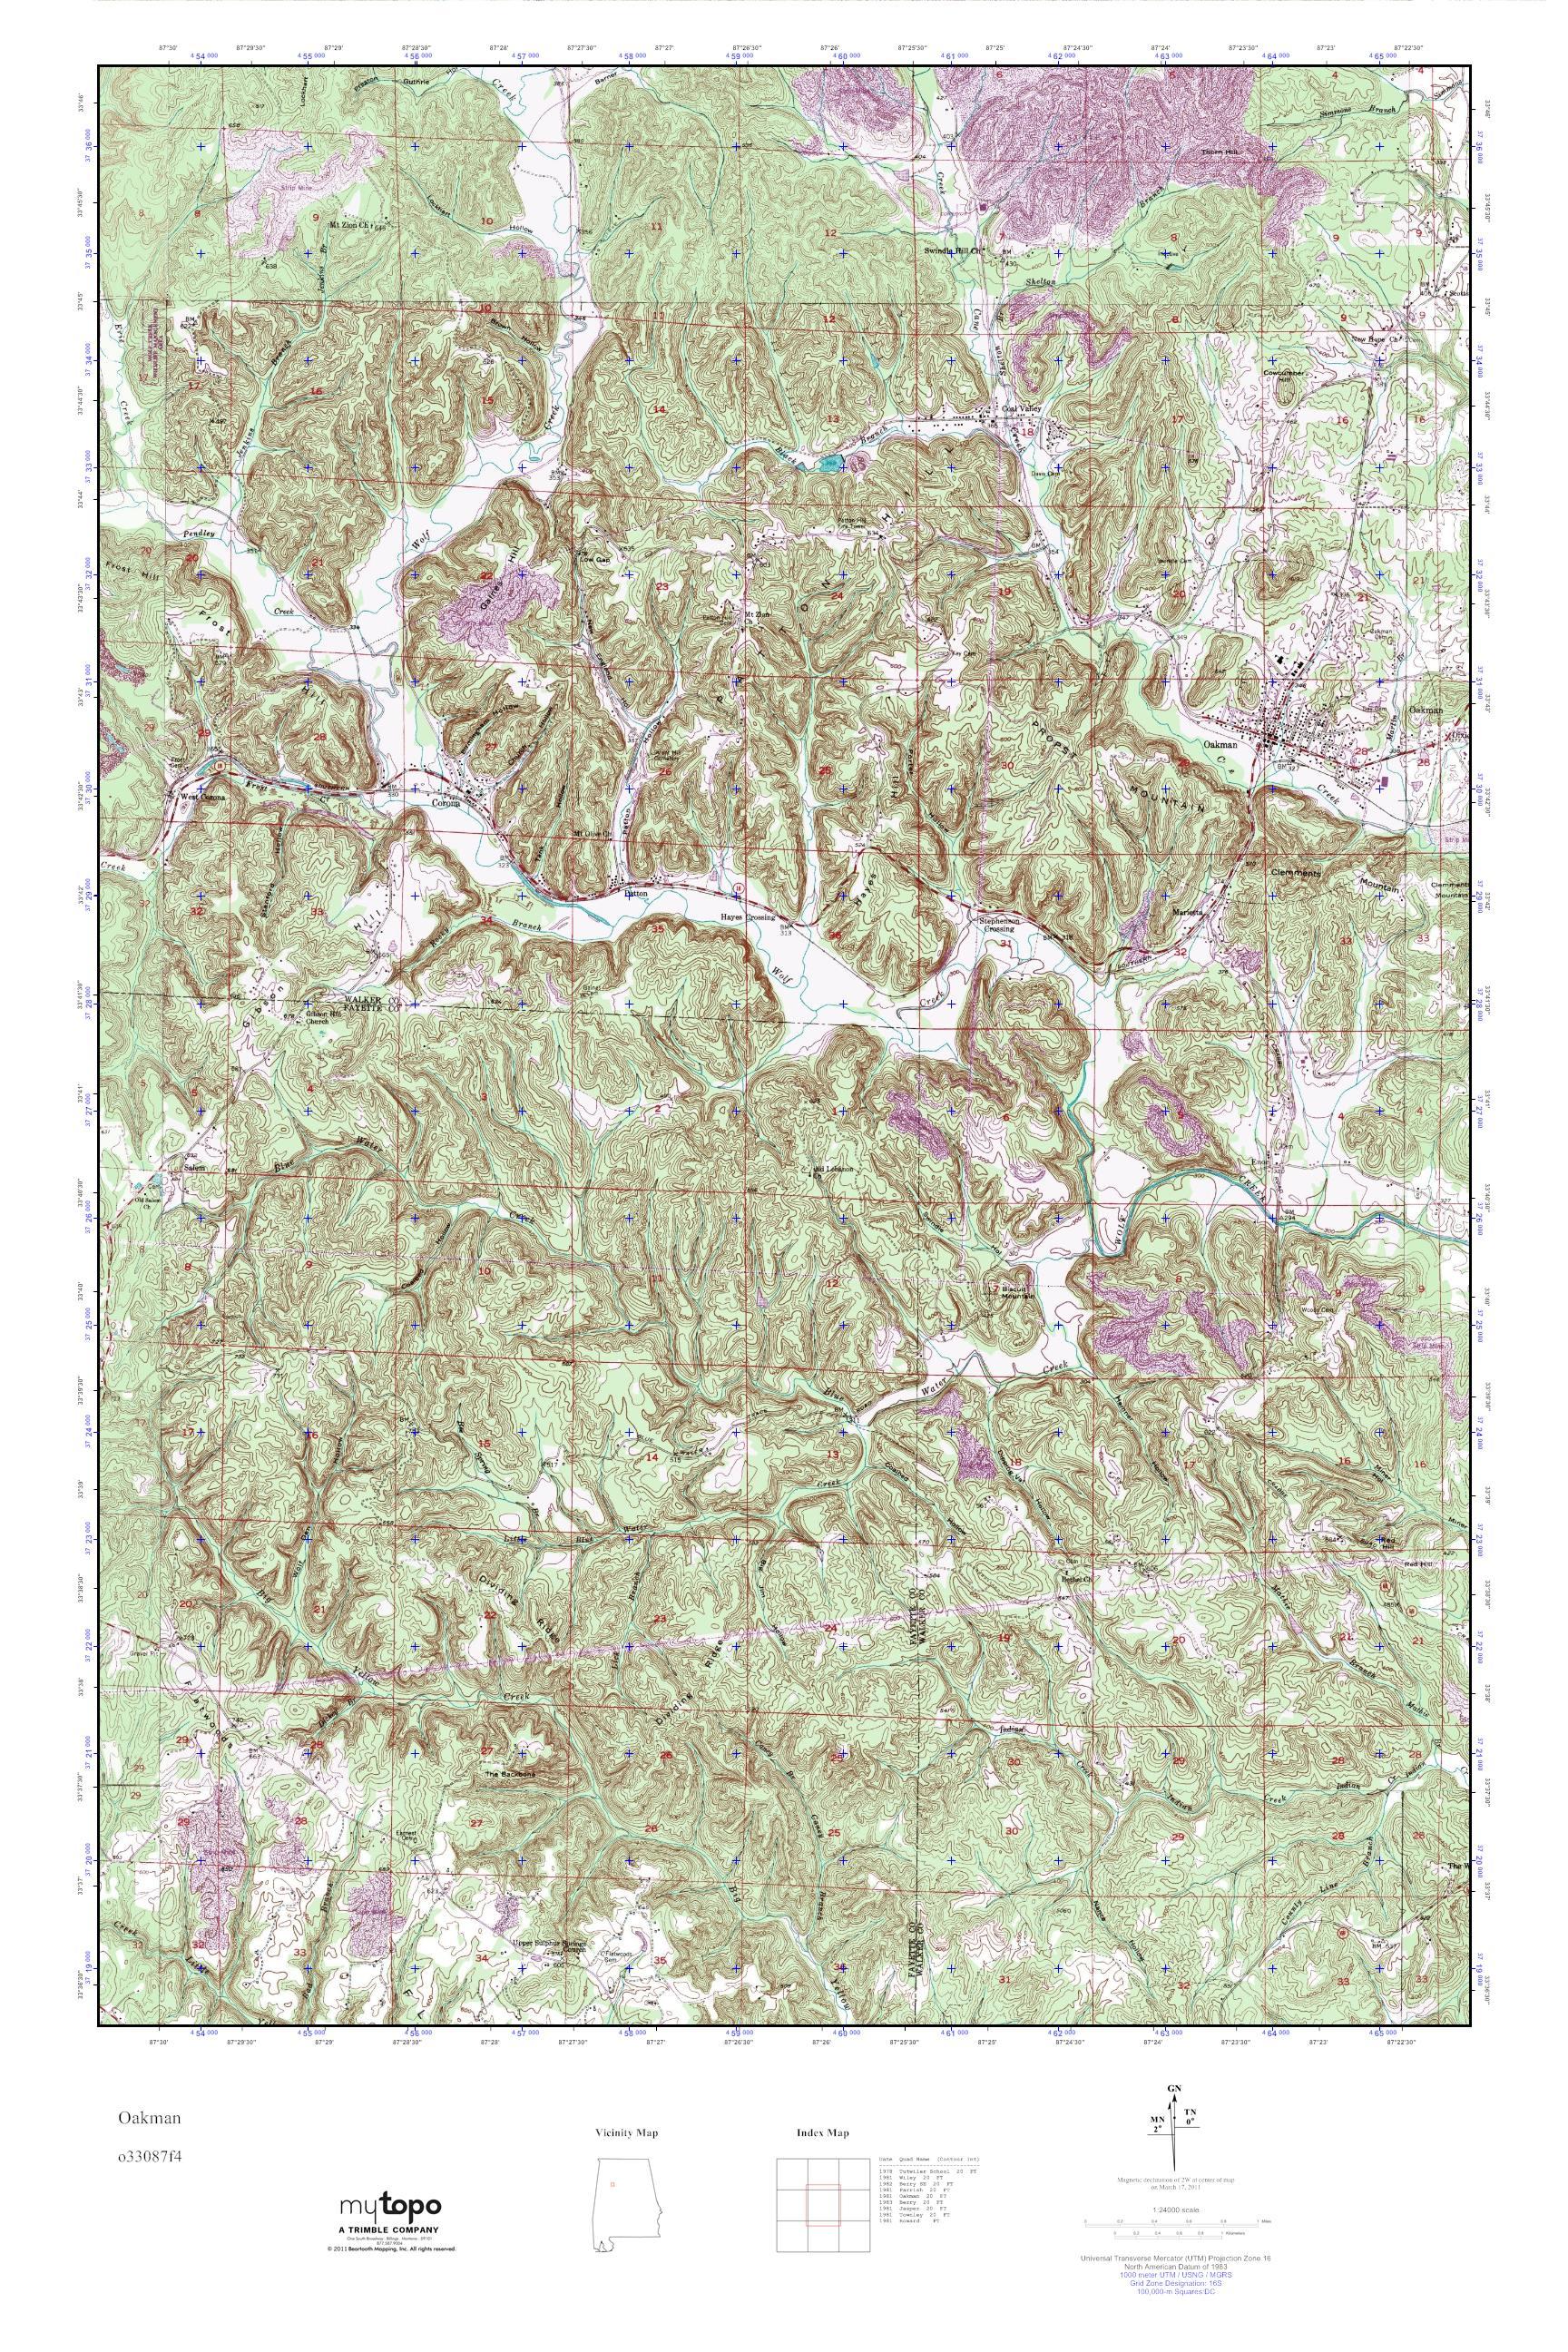 MyTopo Oakman, Alabama USGS Quad Topo Map on map of sulligent alabama, map of greensboro alabama, map of vincent alabama, map of arley alabama, map of rainbow city alabama, map of wadley alabama, map of gardendale alabama, map of oneonta alabama, map of sylvania alabama, map of talladega alabama, map of hayneville alabama, map of red bay alabama, map of montevallo alabama, map of calera alabama, map of trafford alabama, map of united states alabama, map of fort payne alabama, map of haleyville alabama, map of st. clair county alabama, map of mount olive alabama,